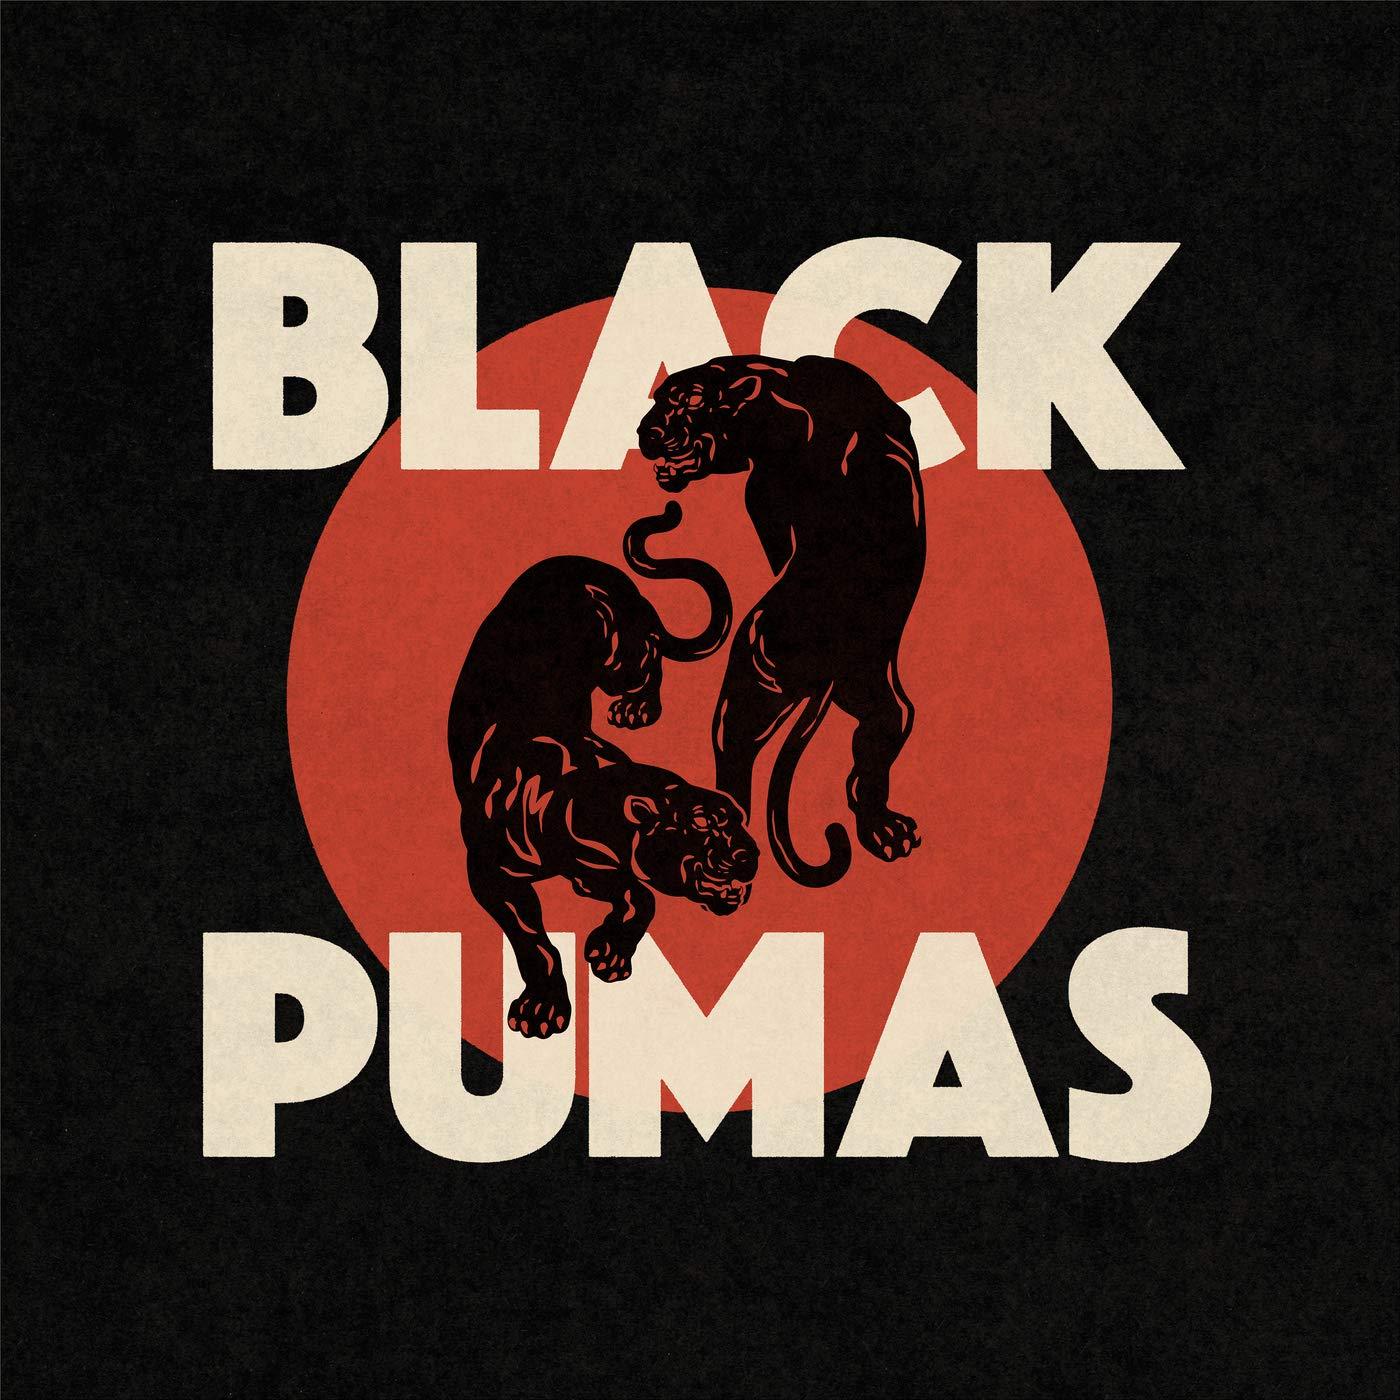 Black Pumas – Black Pumas (2019) [FLAC]